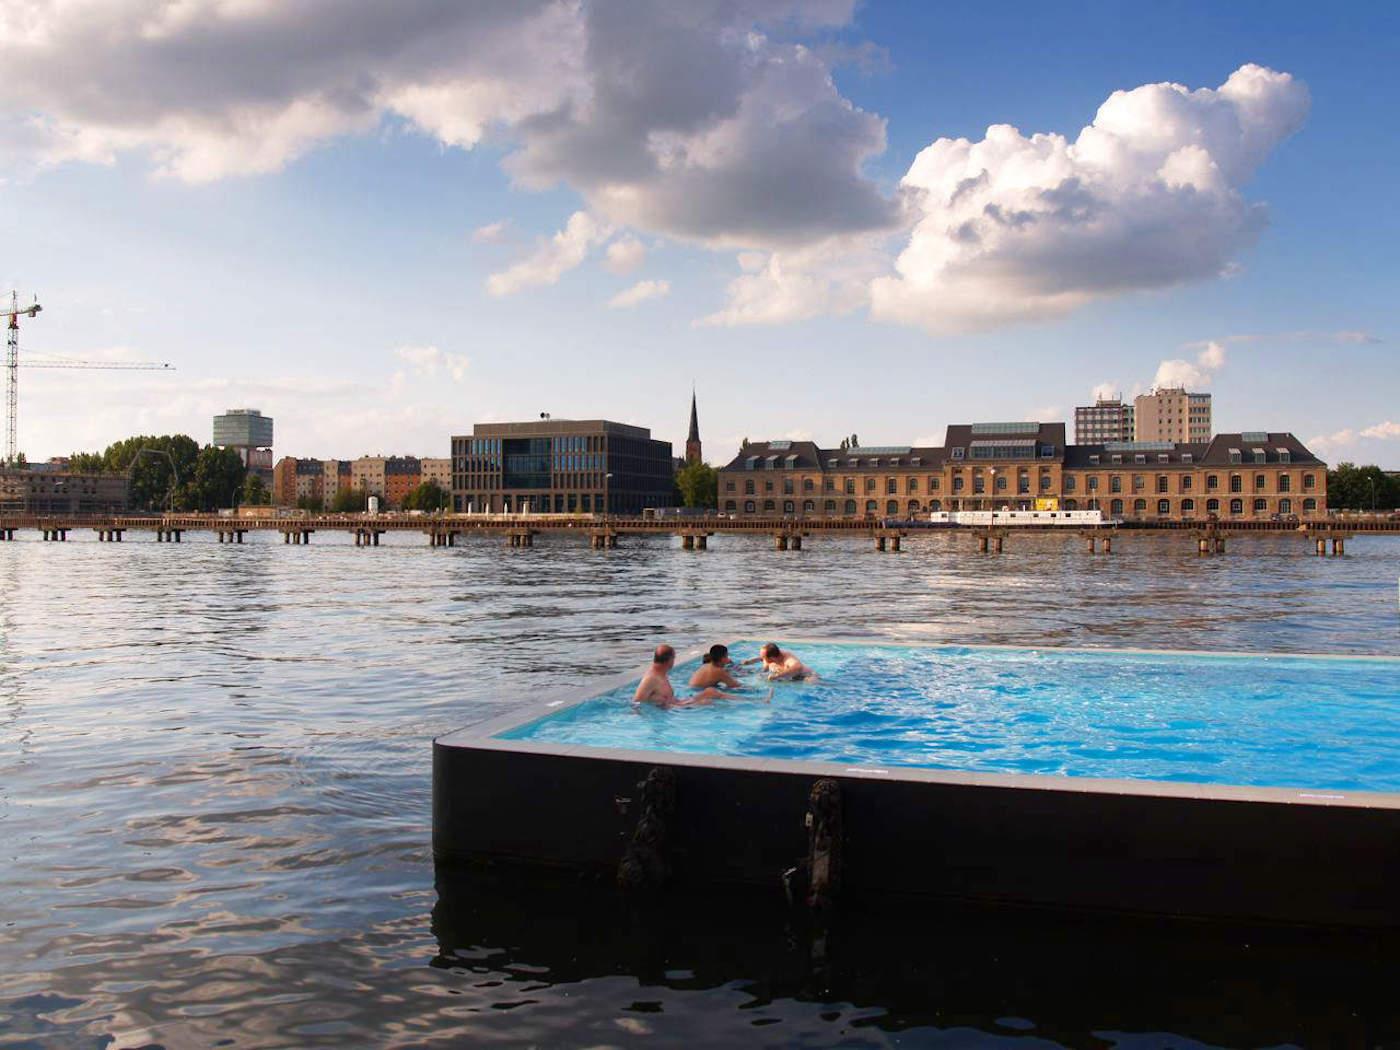 Strasbourg une piscine flottante bient t install e dans for Piscine 9eme